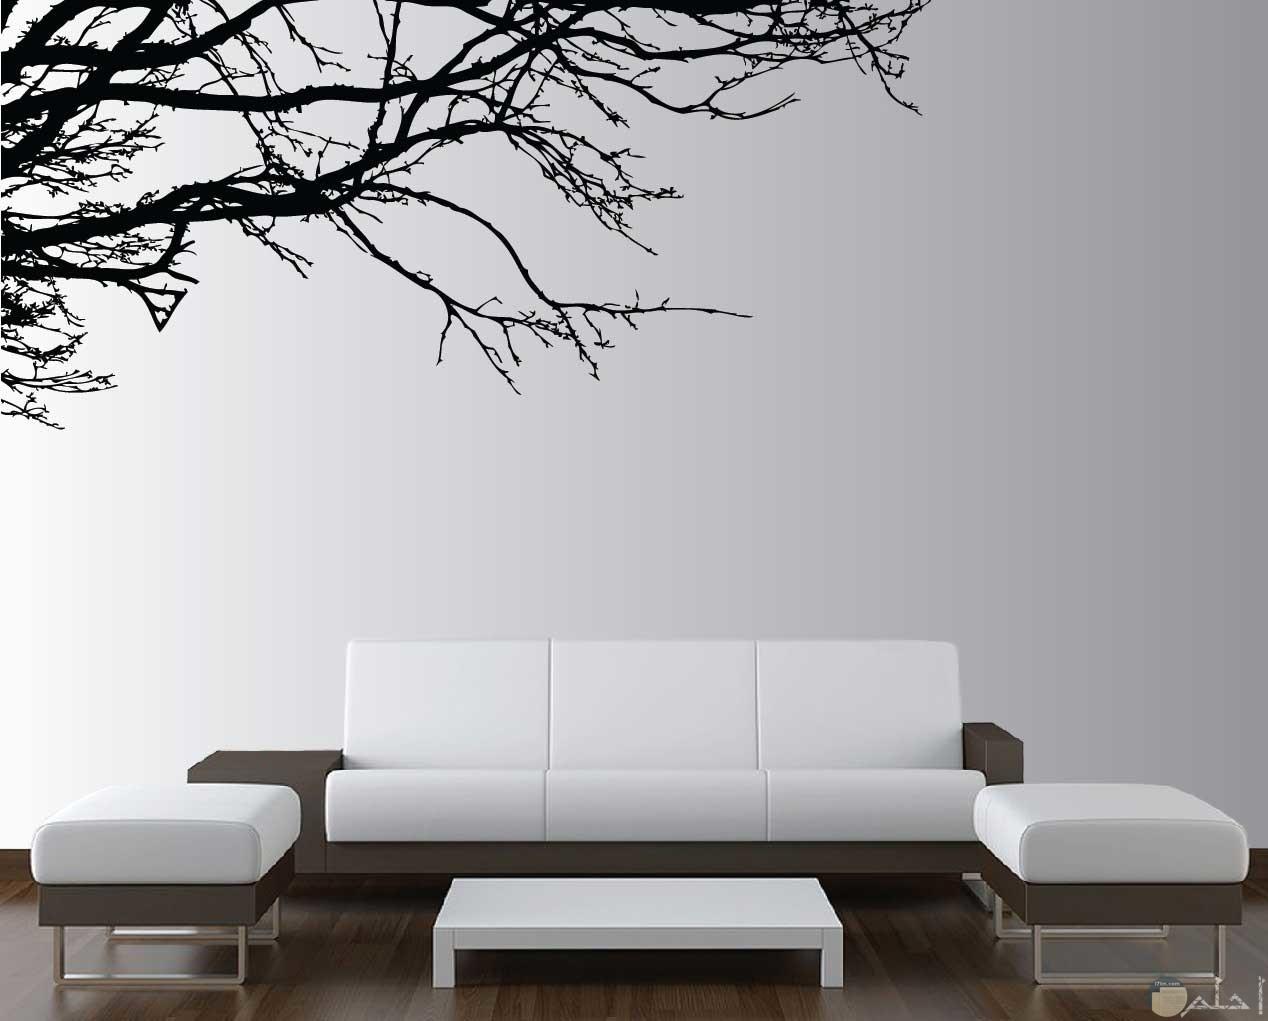 رسمة حائط على شكل جزء من شجرة بدون اوراق